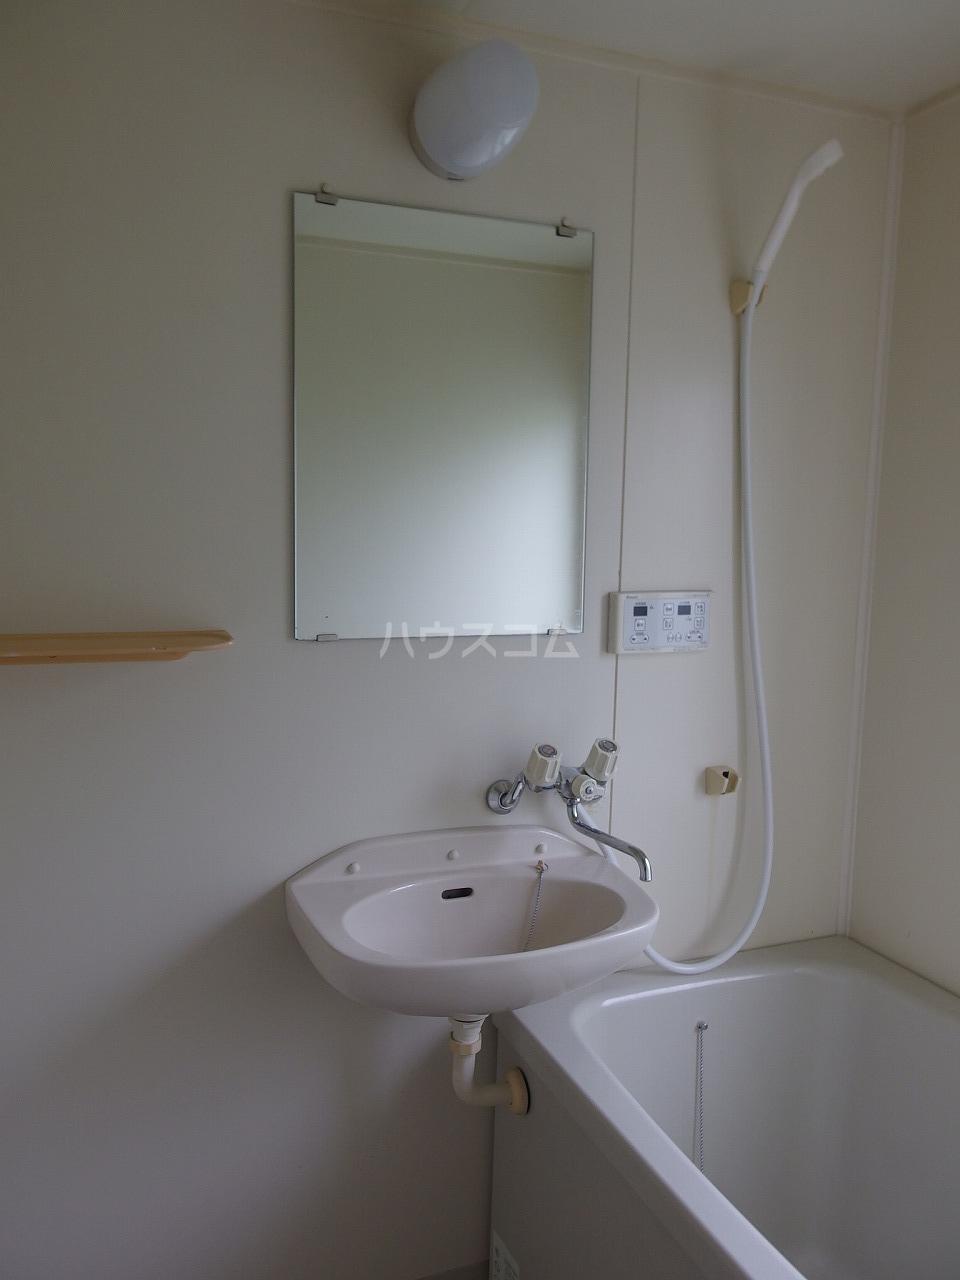 レオパレス南野 200号室の洗面所